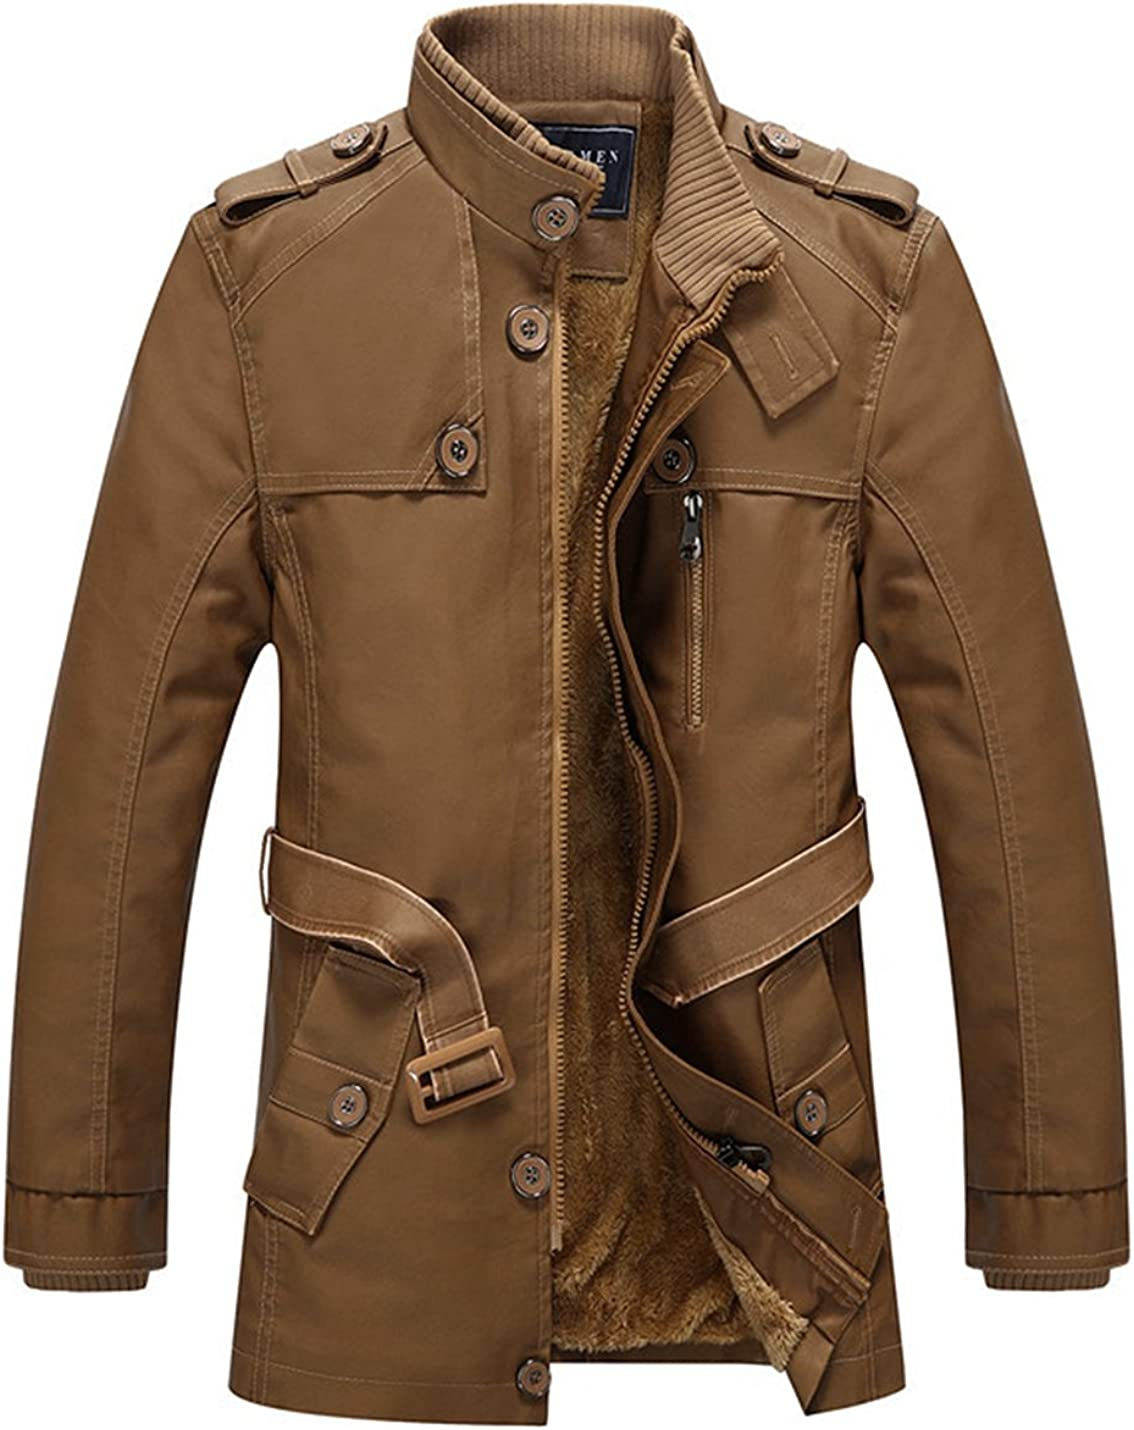 Lentta Mens Fleece Faux Fur Lined Mid Long PU Leather Jacket Parka Coat W Belt